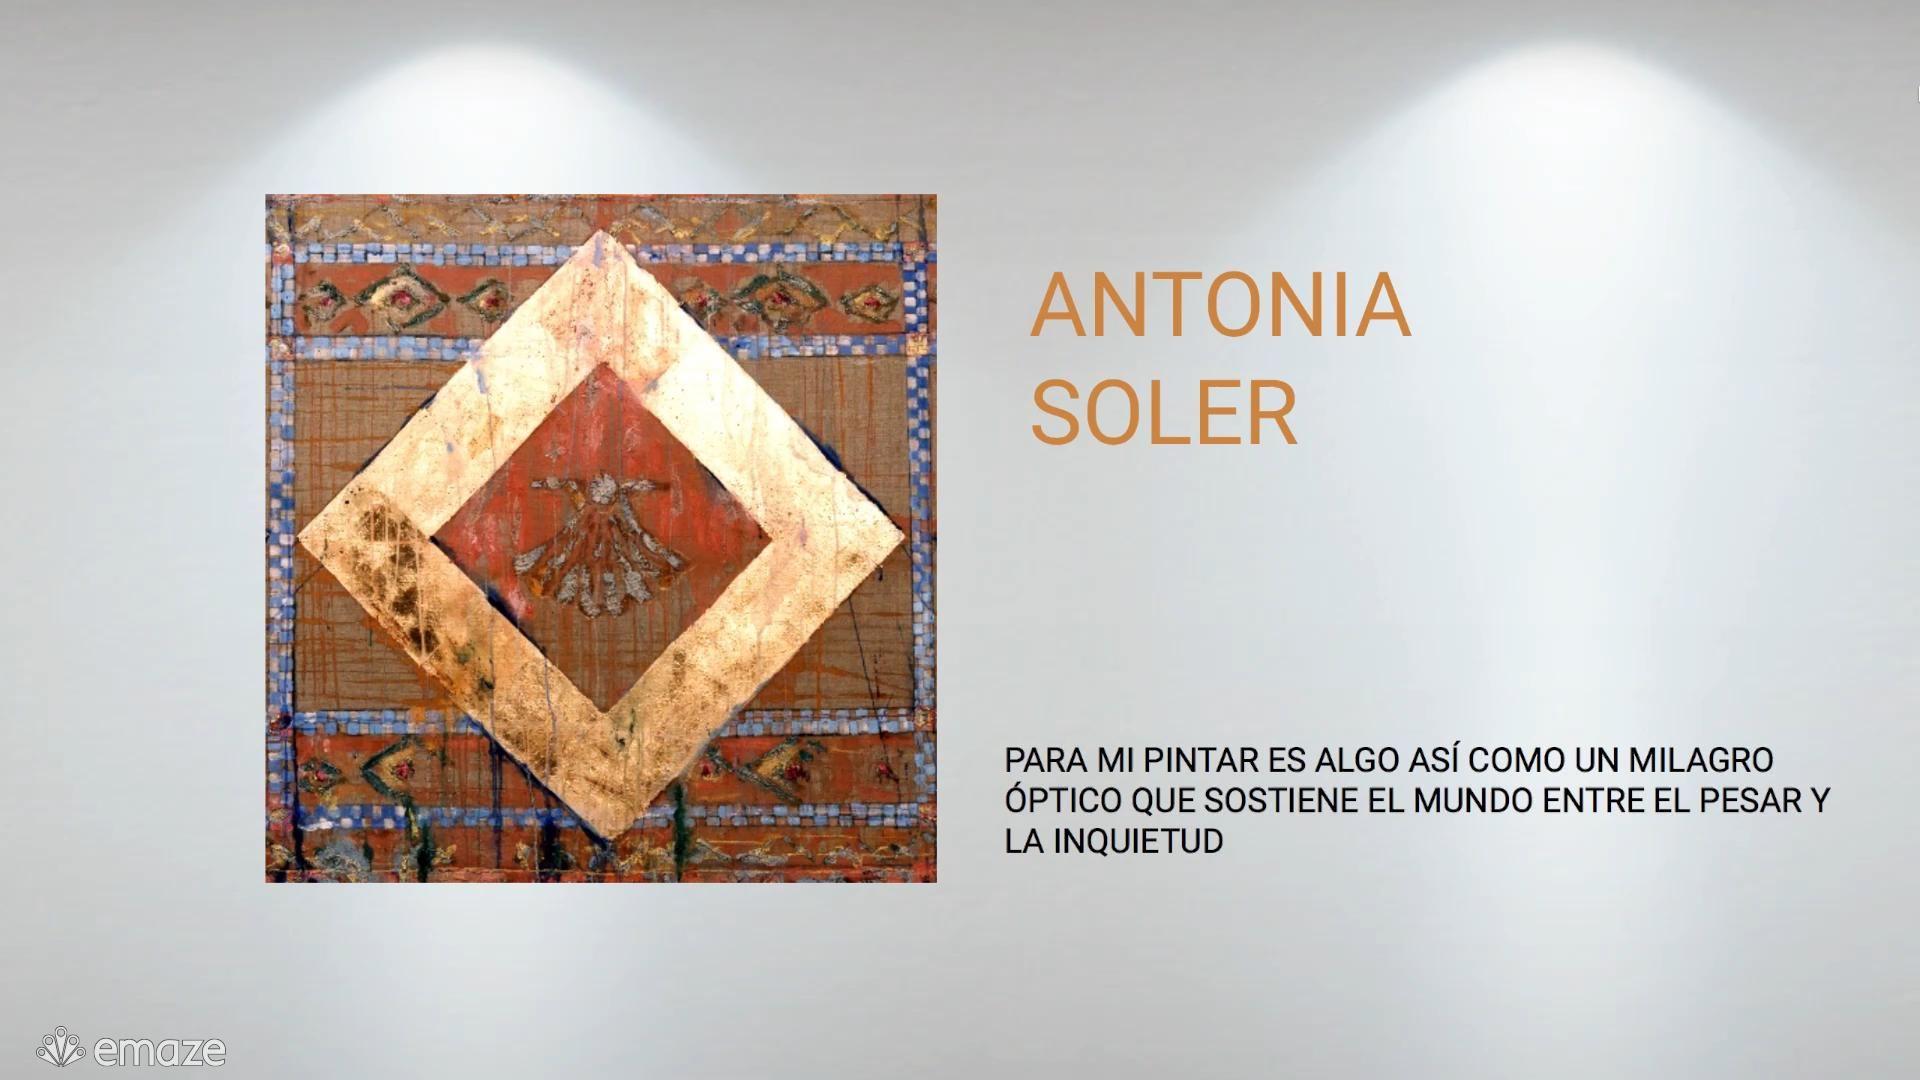 Este será uno de los primeros recorridos virtuales de Antonia Soler... #contemporaryart #modernart #painting #antoniasoler #art